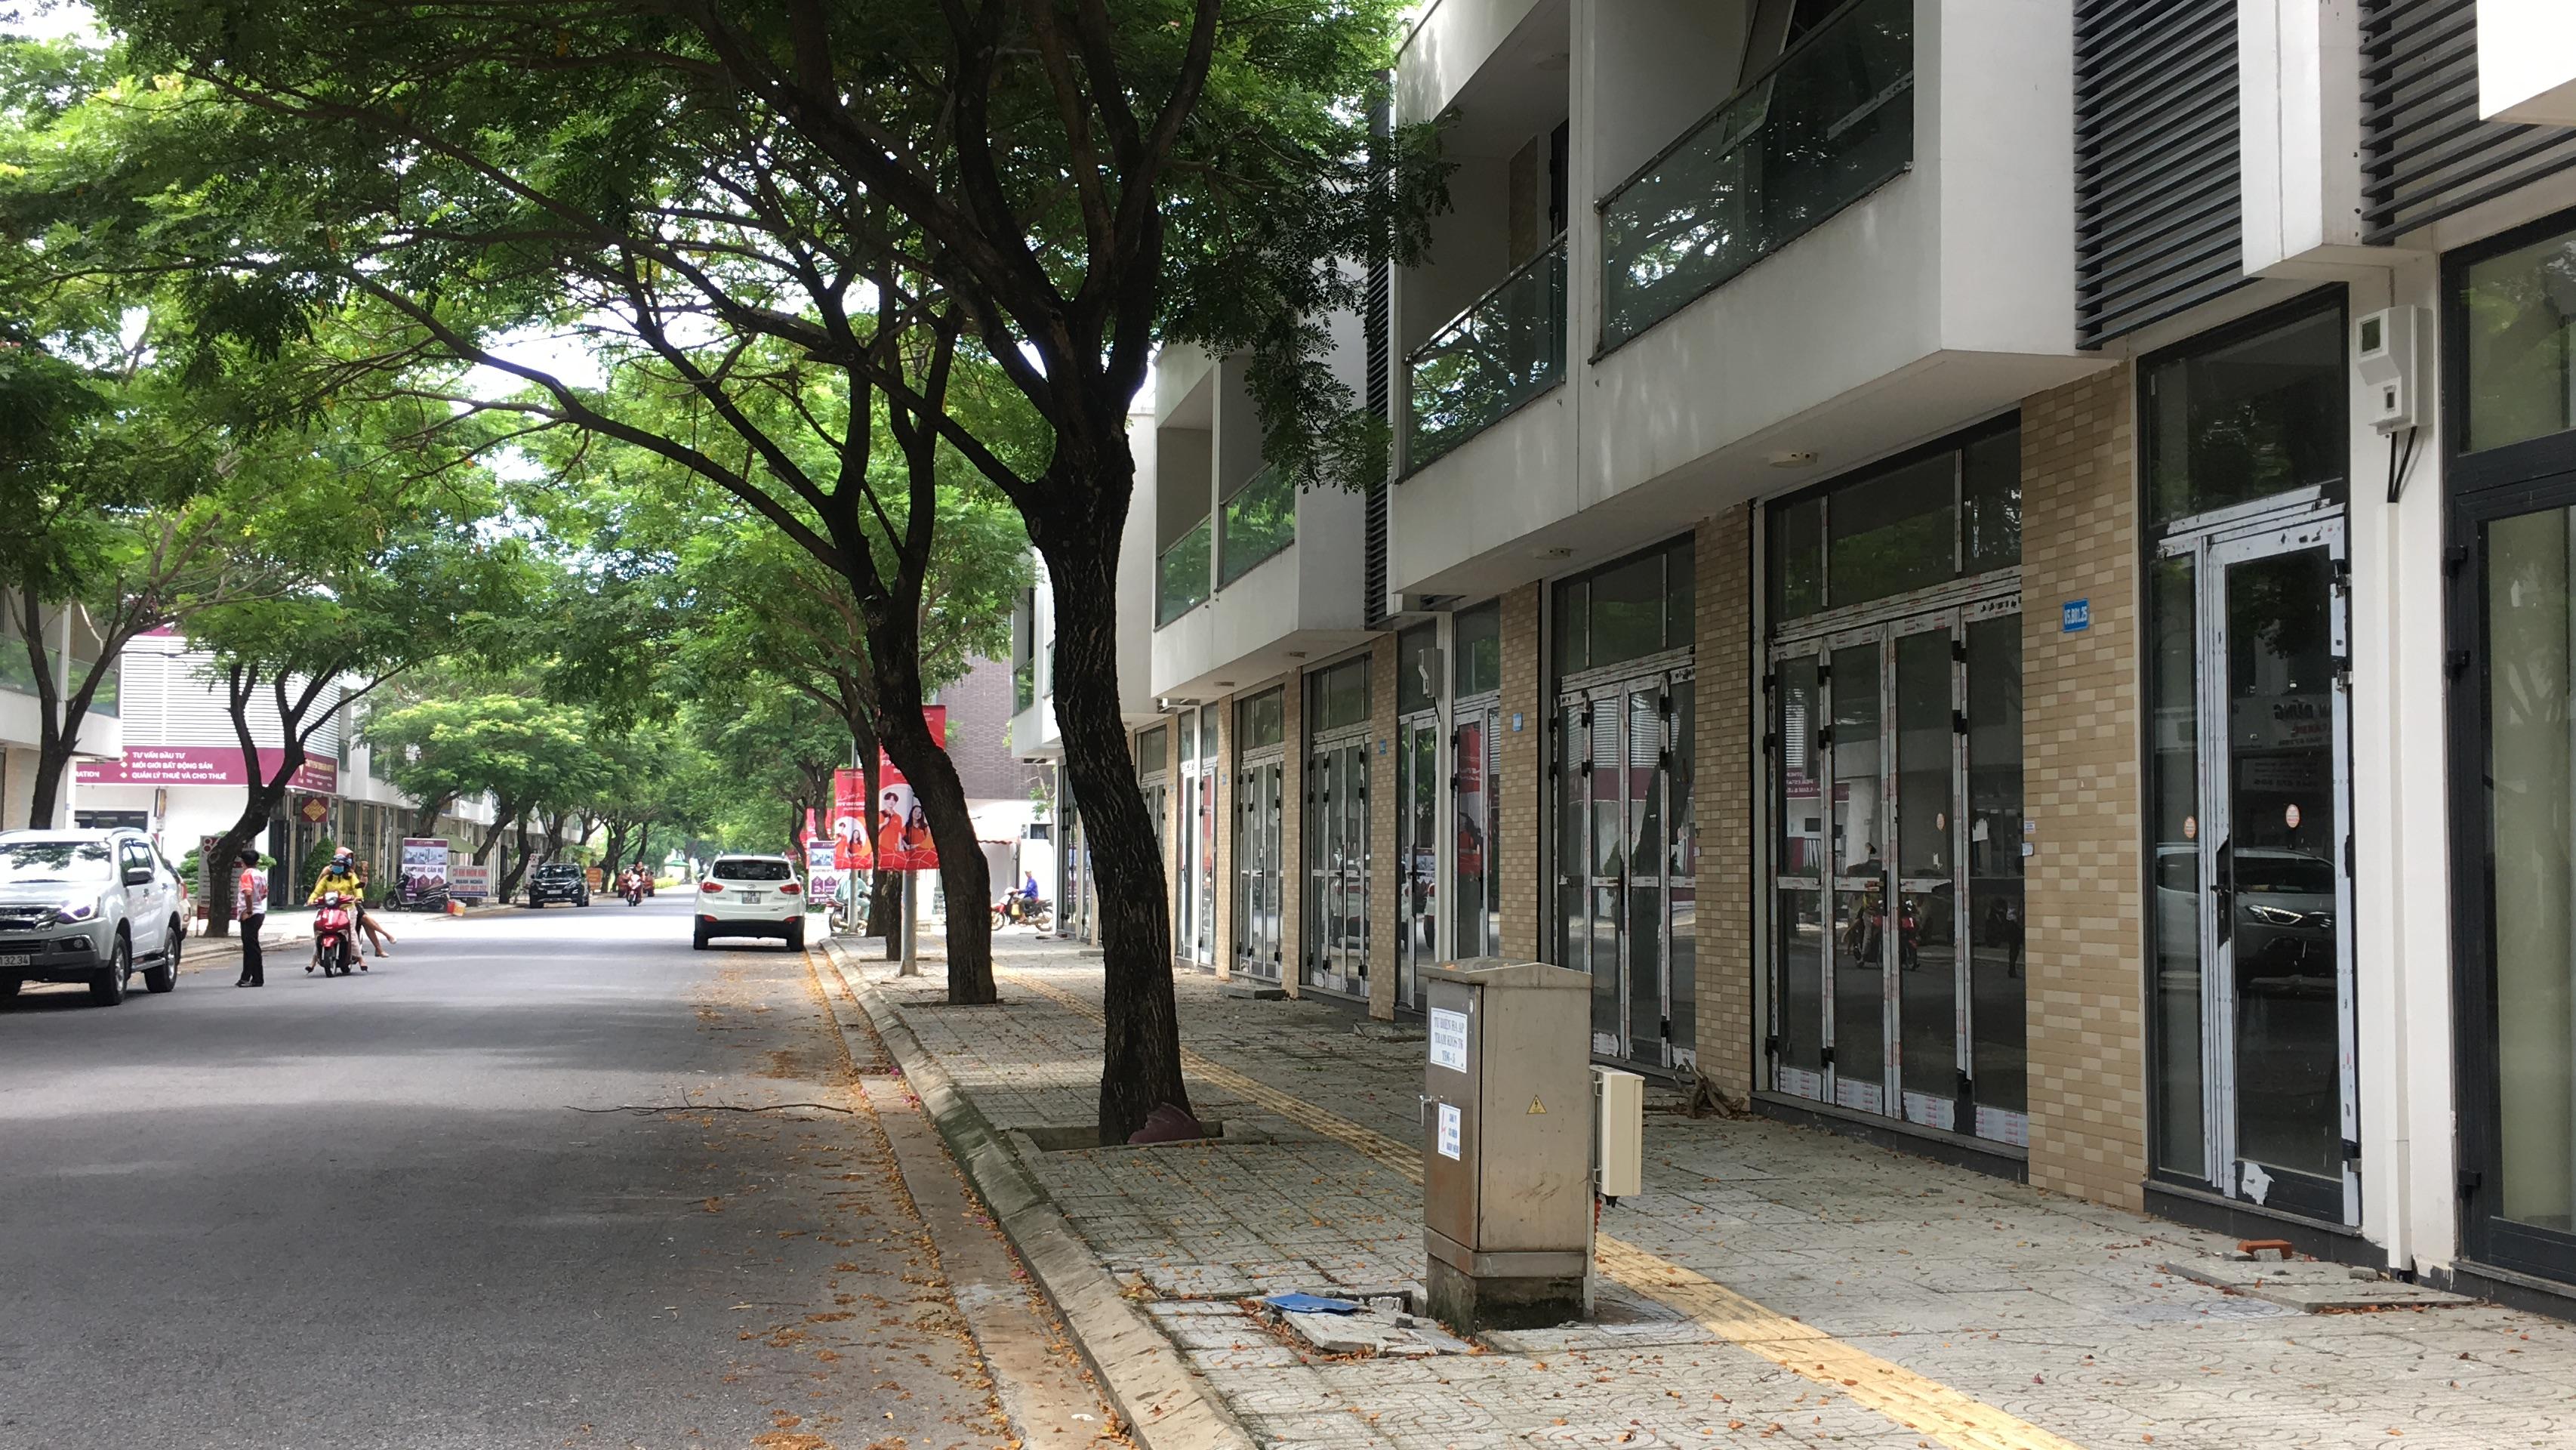 [PhotoStory] Hàng trăm shophouse chục tỉ đồng ở Đà Nẵng ế ẩm người thuê, bỏ hoang - Ảnh 10.